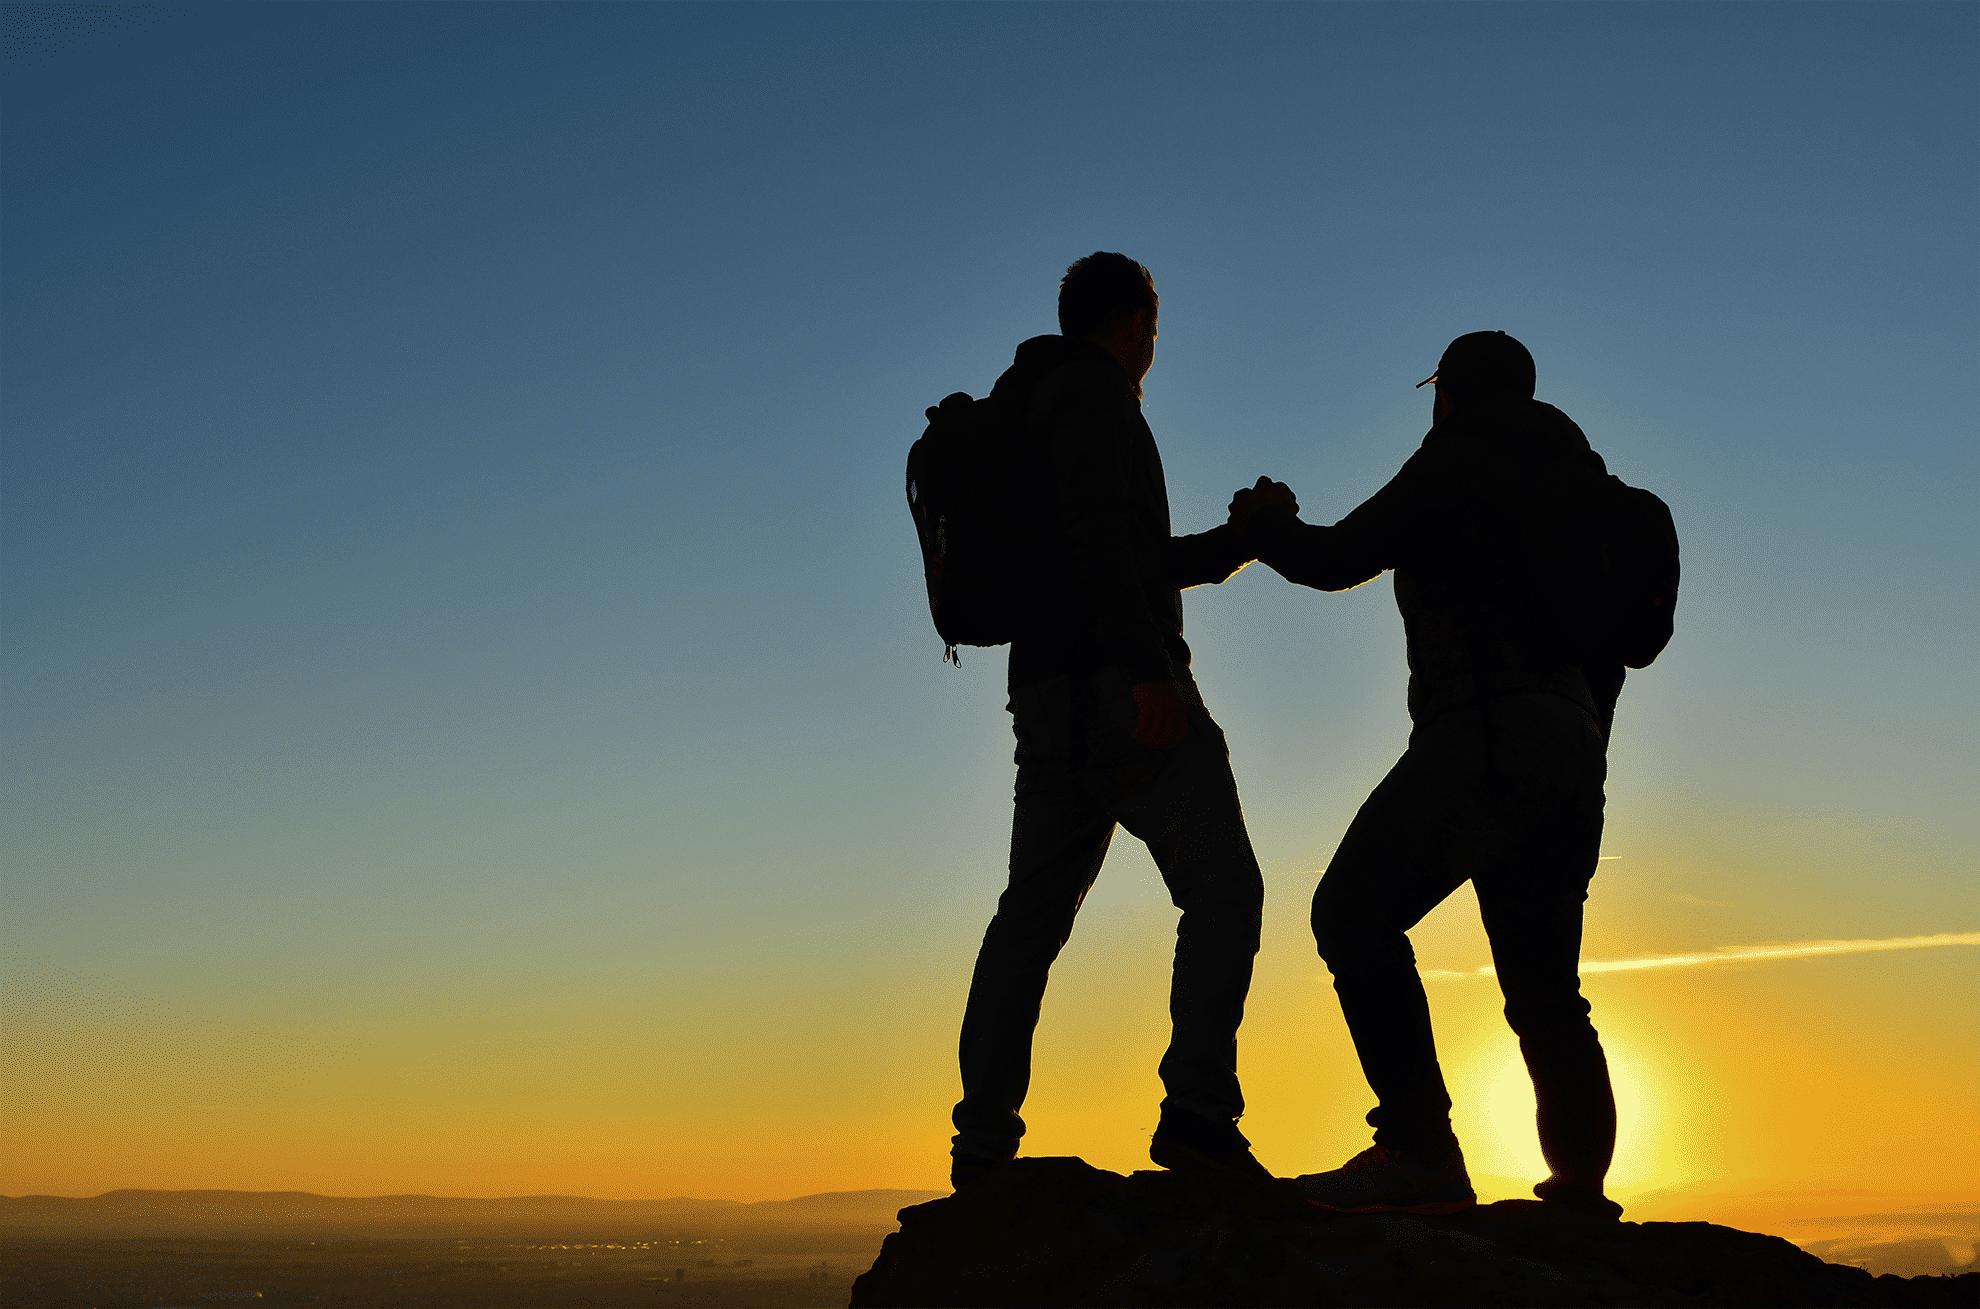 elkaar helpen en gewoon doen